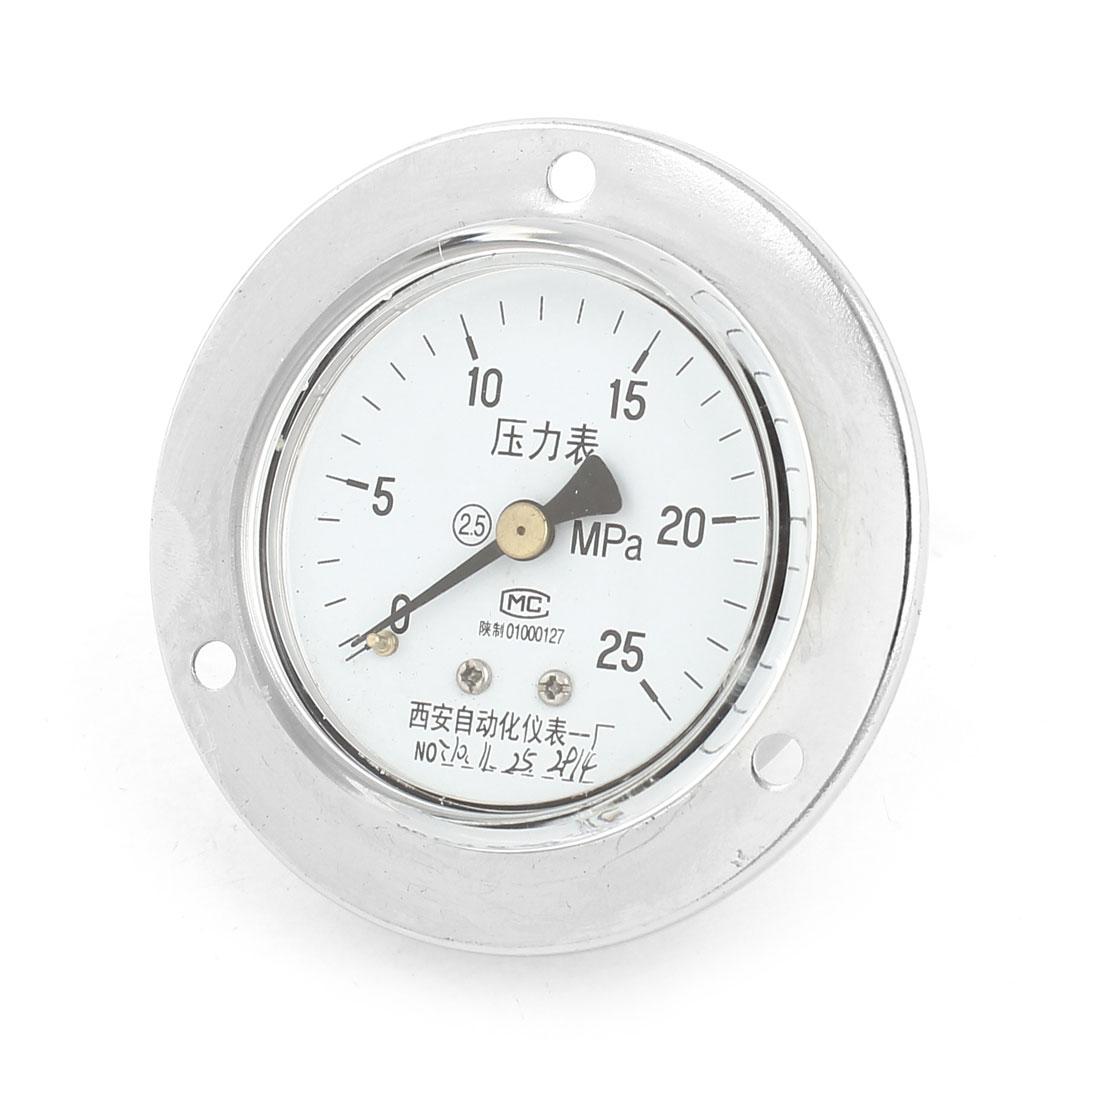 13mm Male Thread Vertical Water Air Vacuum Pressure Meter Gauge 0-25MPa 60mm